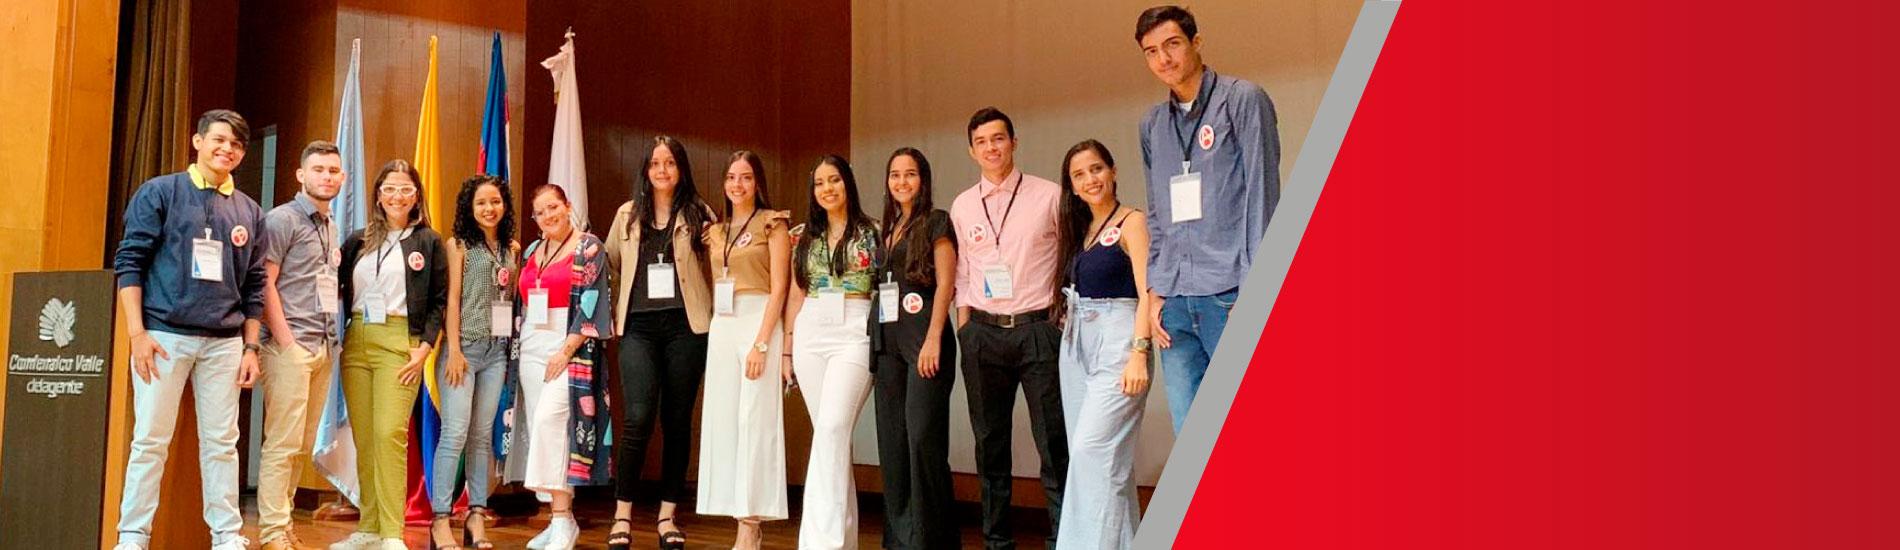 Estudiantes de Arquitectura fueron ponentes en Encuentro Nacional de Semilleros de Investigación